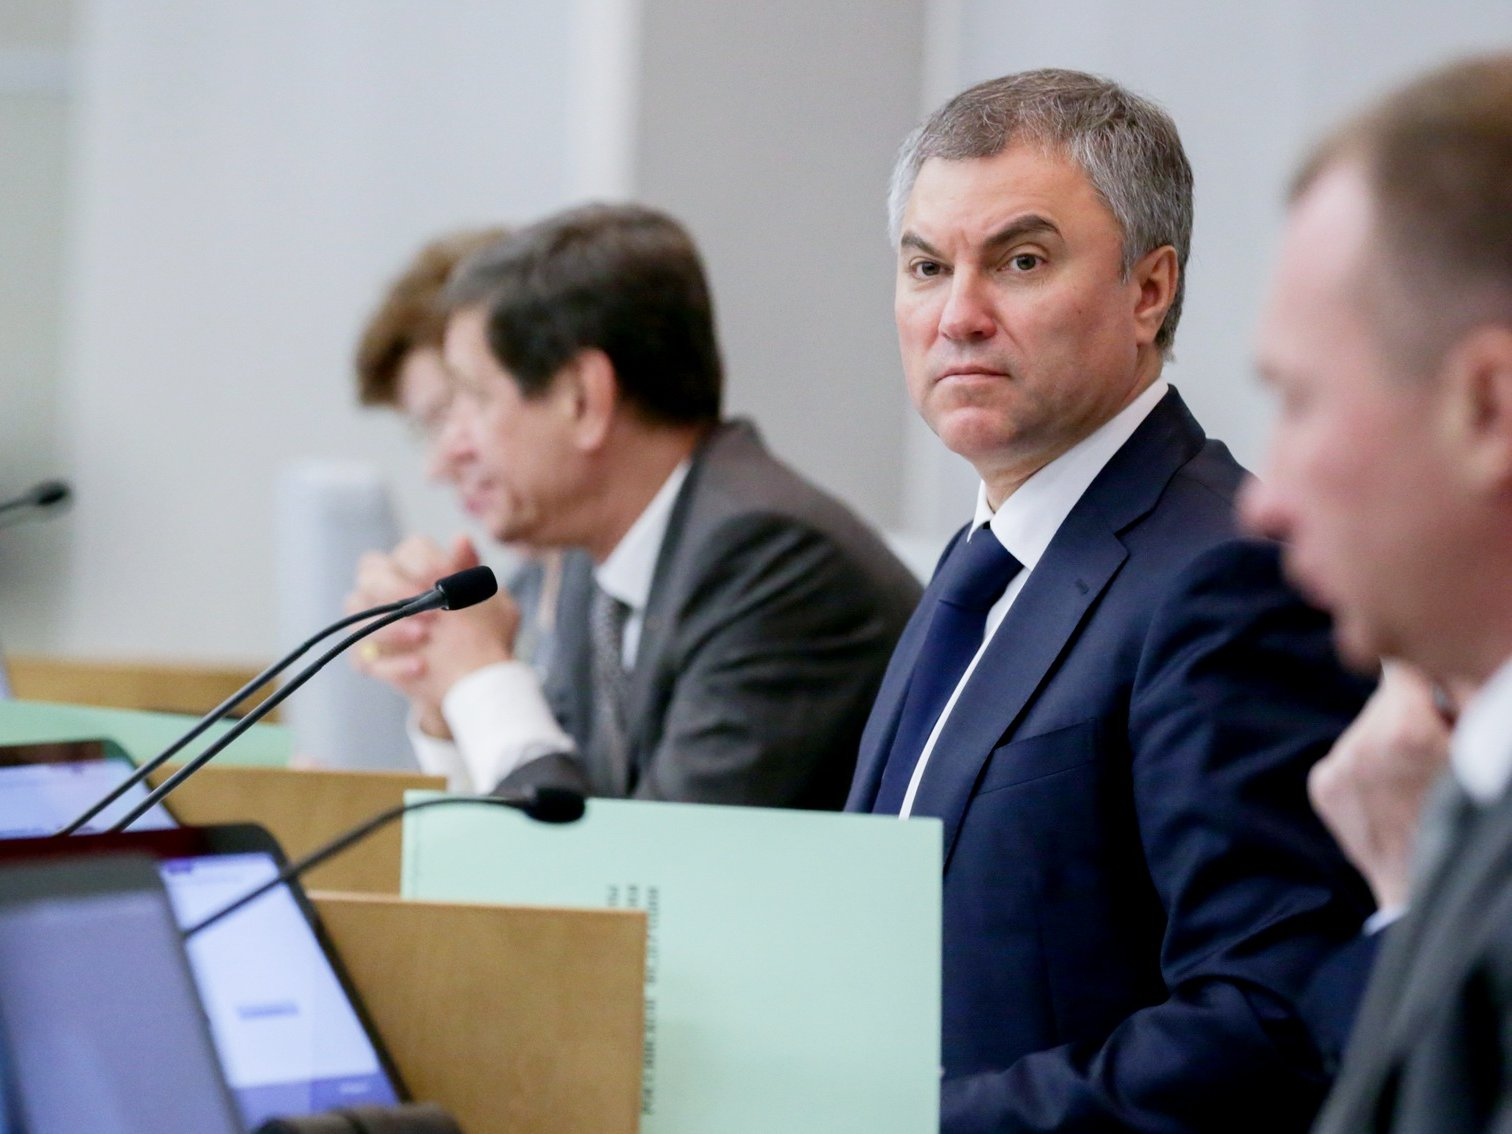 Спикер Государственной думы Вячеслав Володин выступает против идеи вернуть смертную казнь